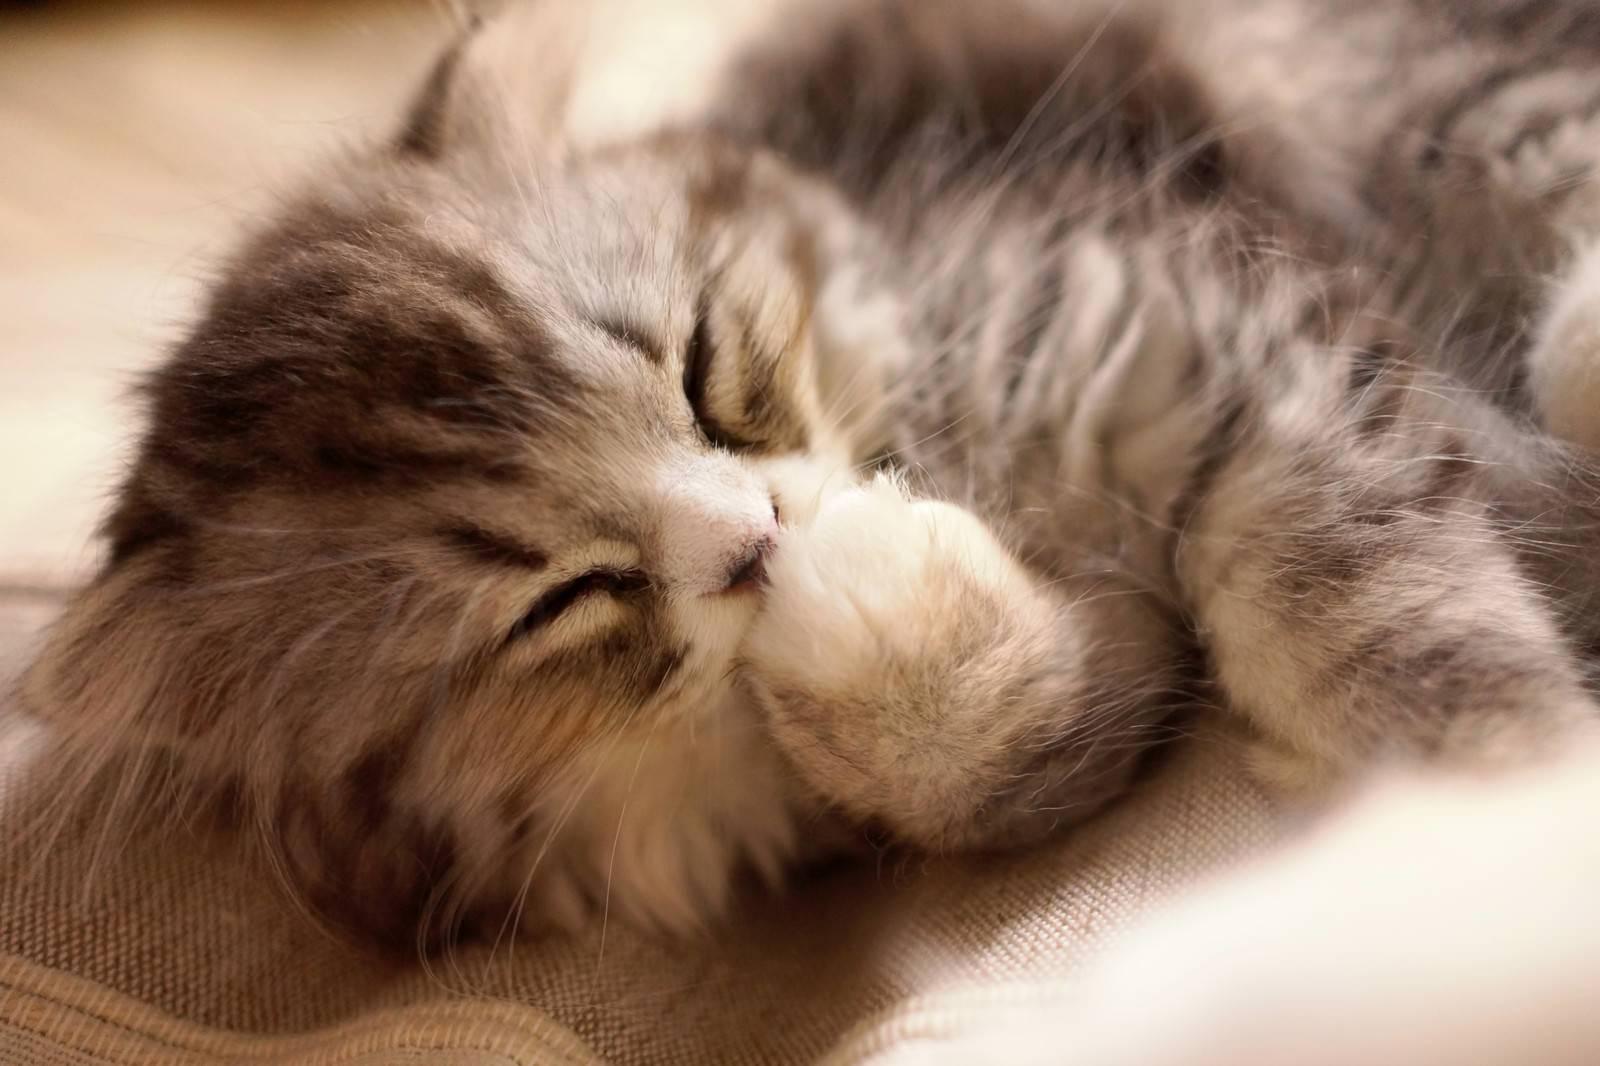 「腕を舐めているオス猫(スコティッシュフォールド)腕を舐めているオス猫(スコティッシュフォールド)」のフリー写真素材を拡大